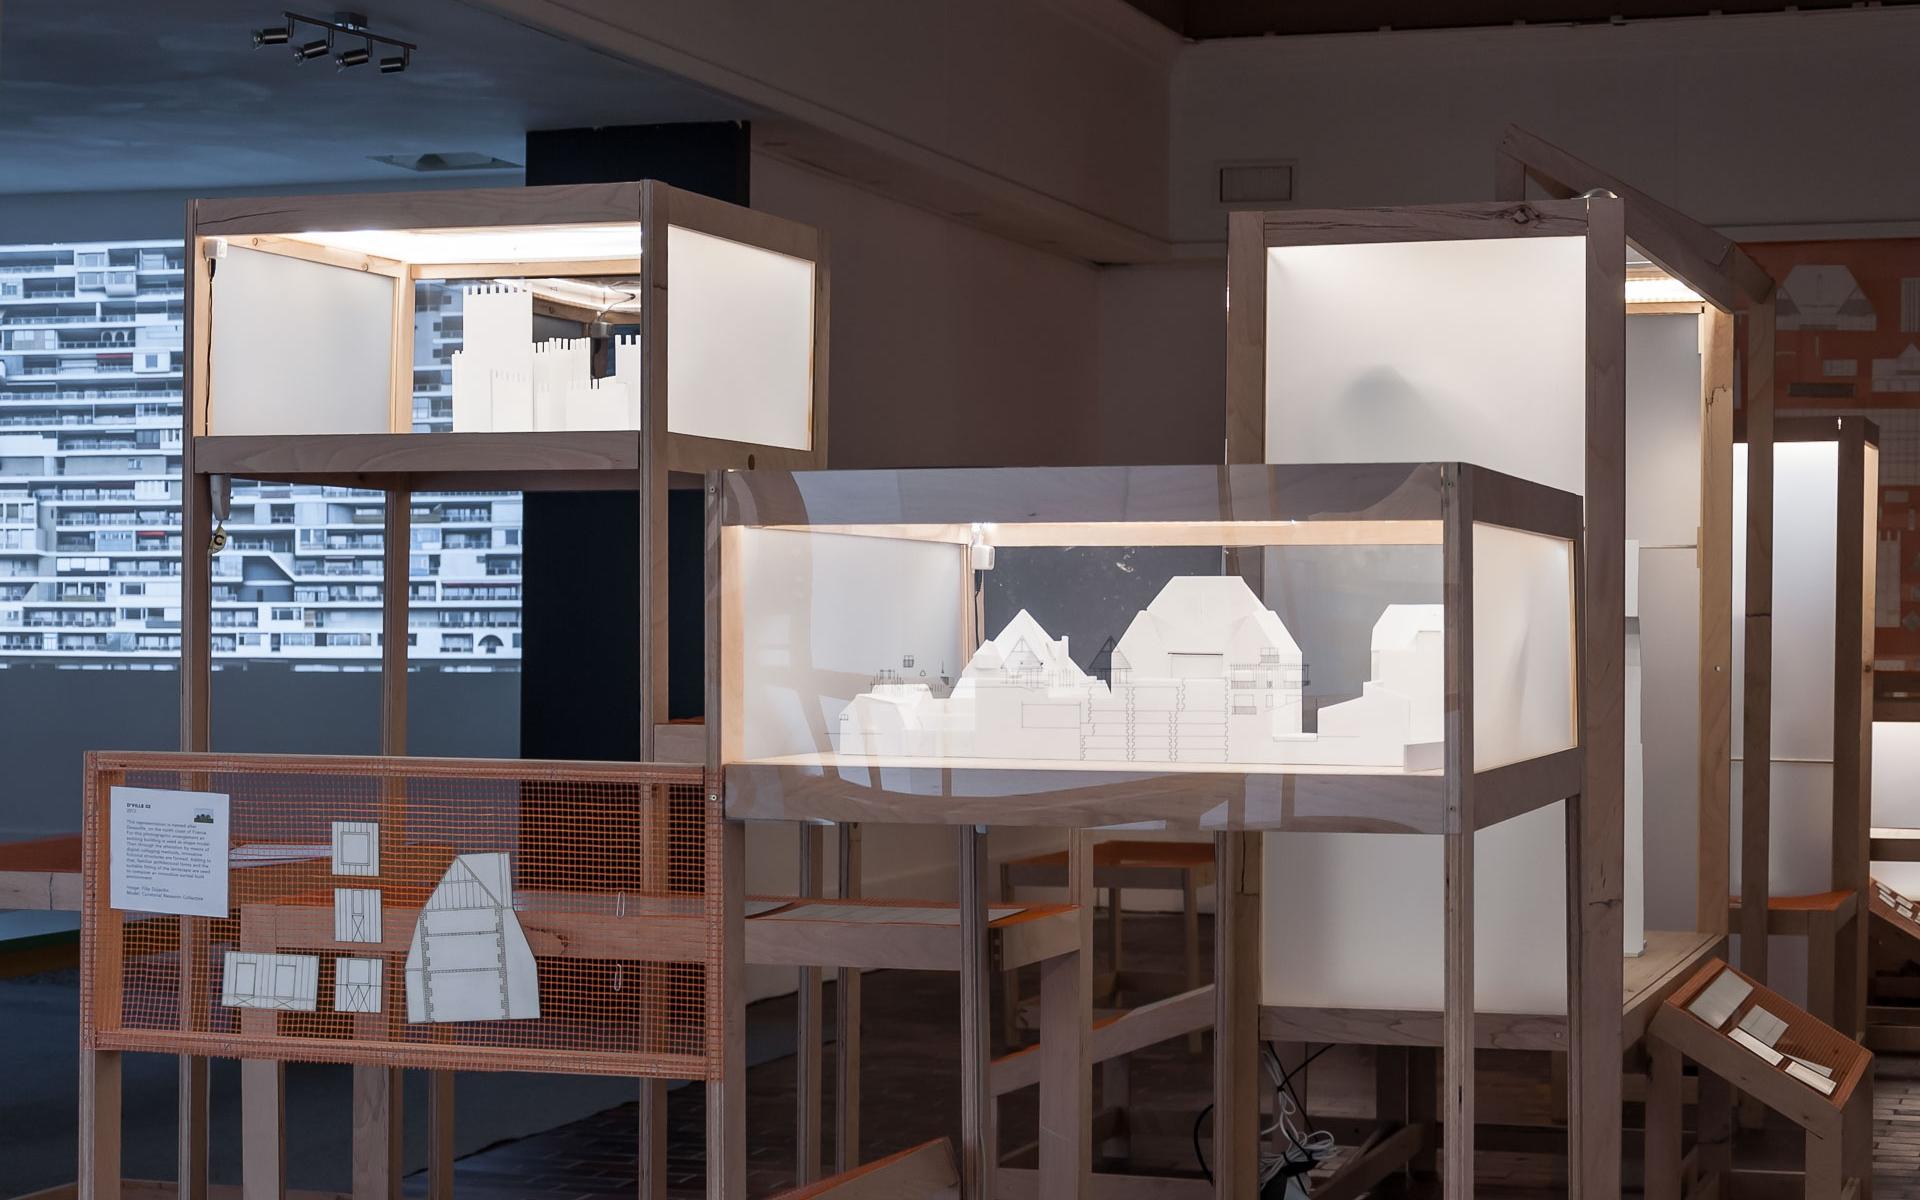 Pixel Brick Fiction:Filip Dujardin's Montages - Galerie Pennings